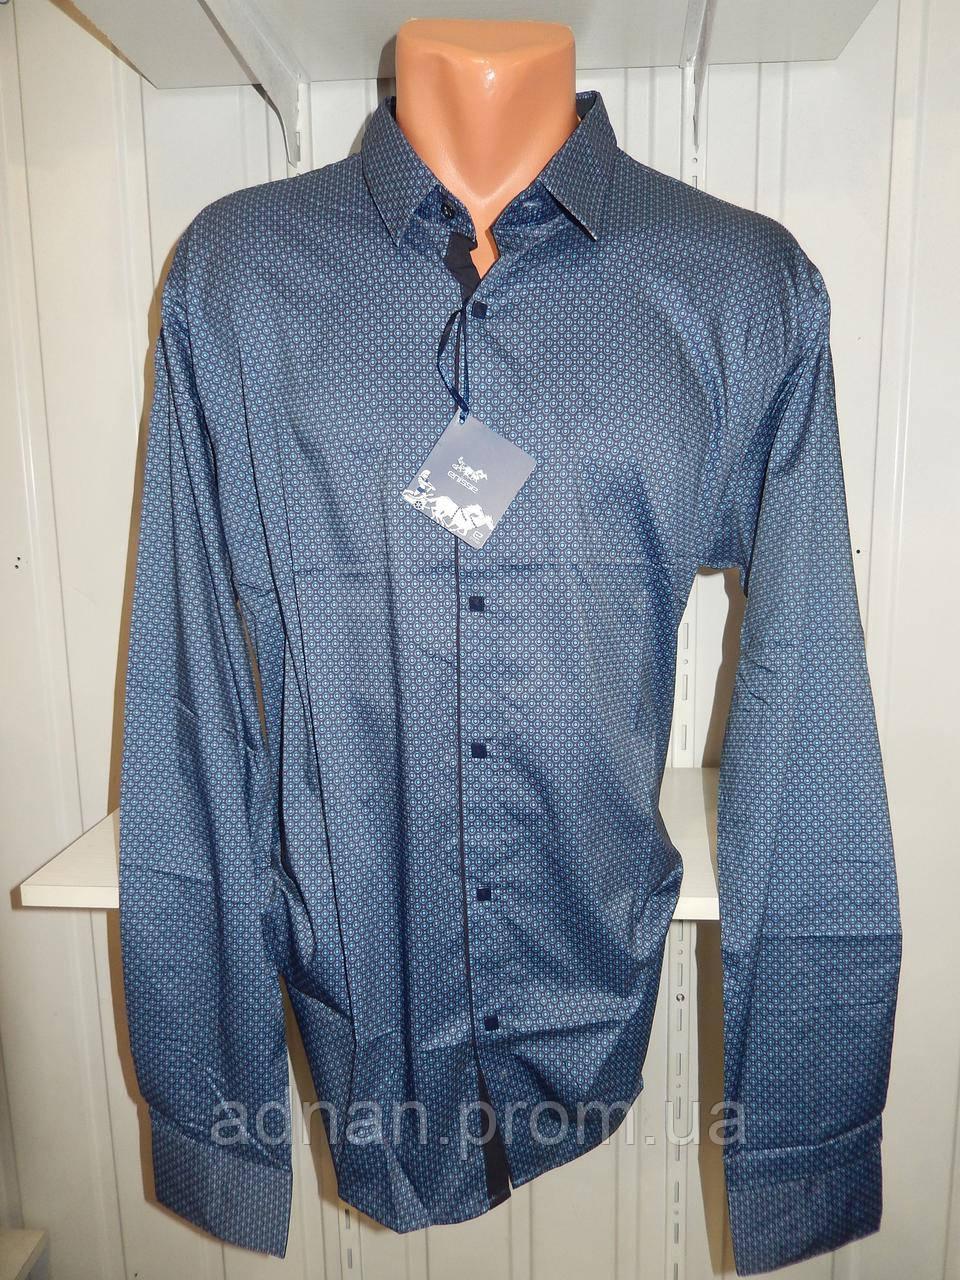 Рубашка мужская  Enisse длинный рукав, батал, стрейч, мелкий узор, заклепки 013 \ купить рубашку